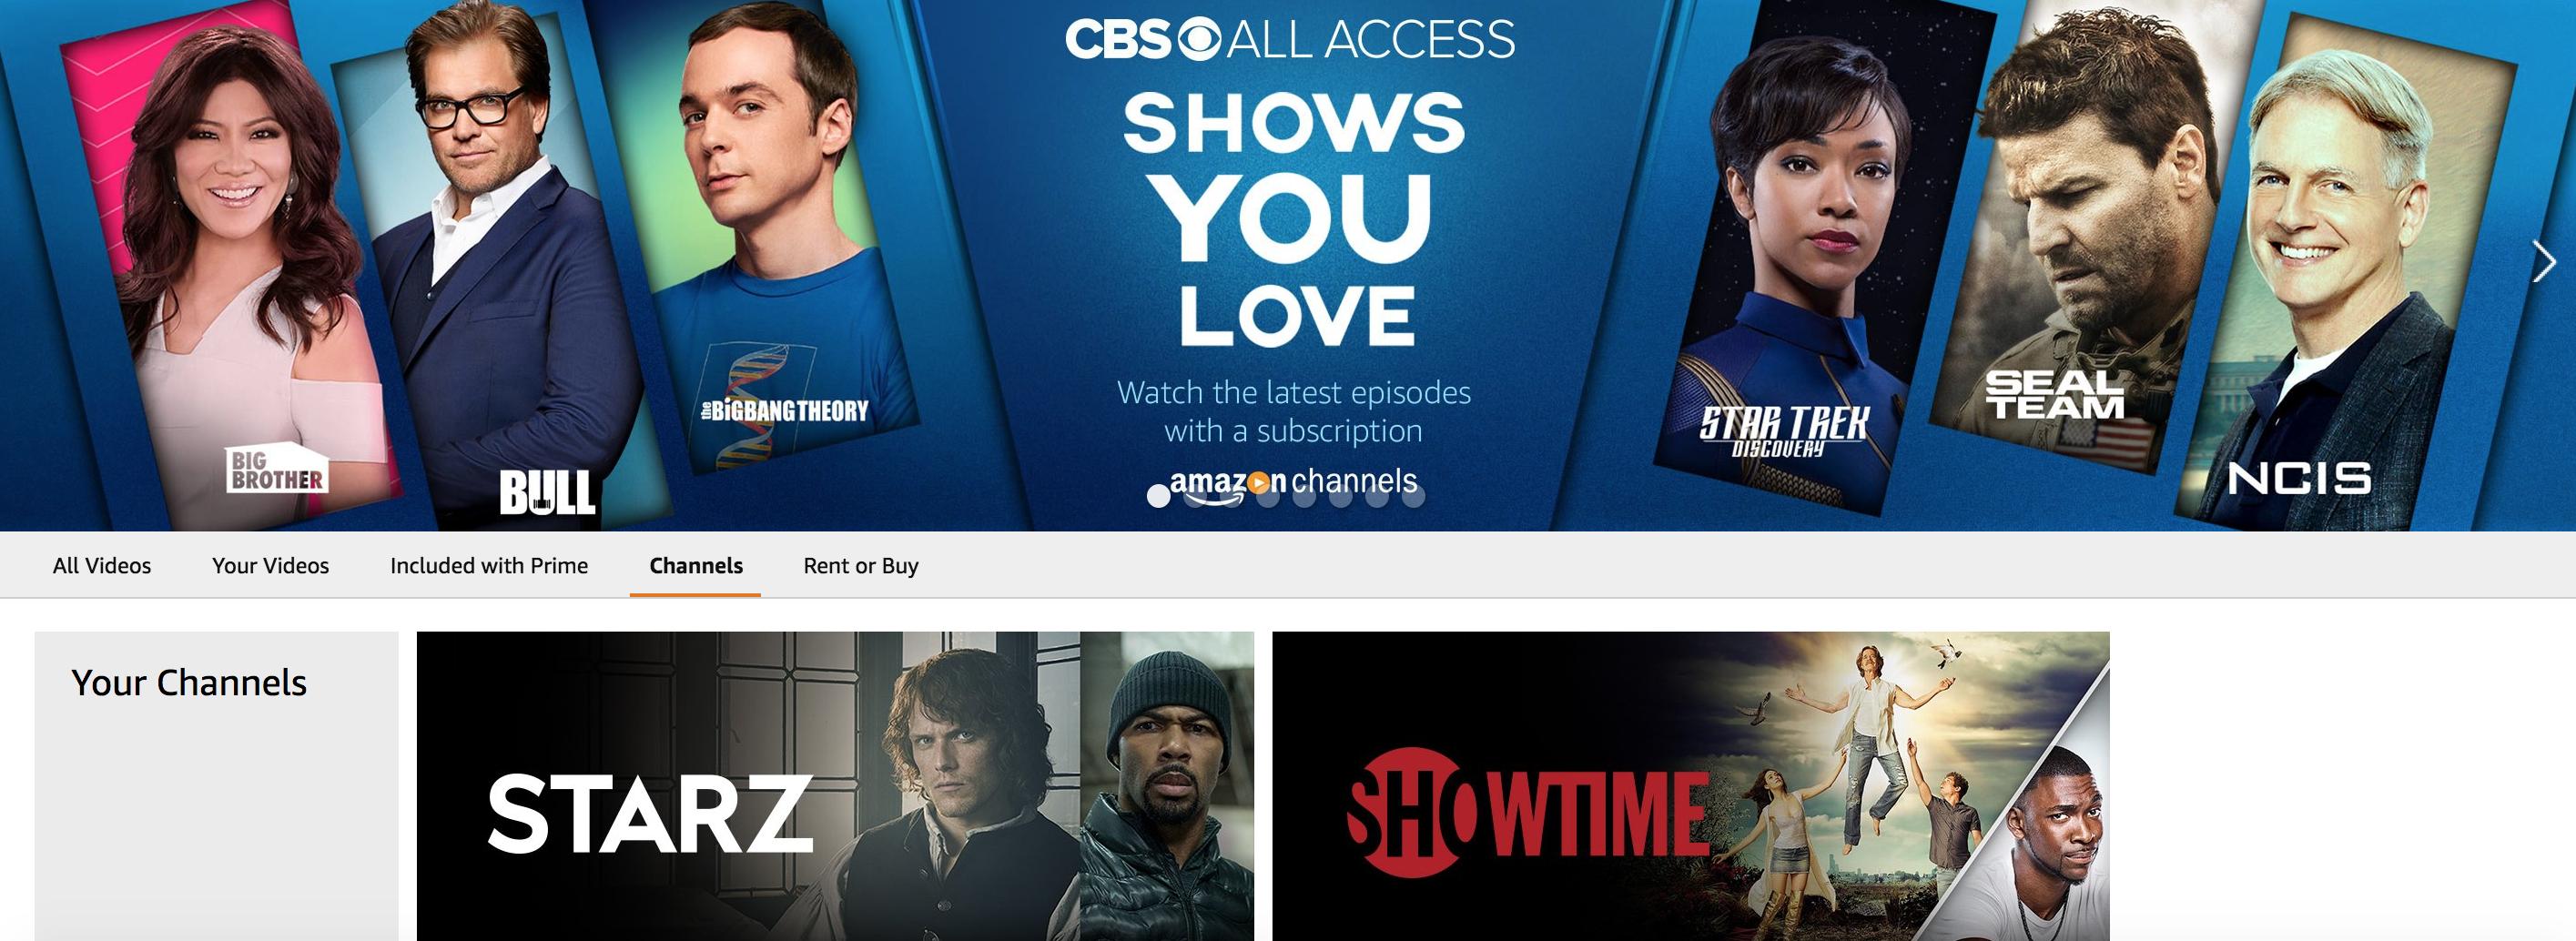 Amazon's a la carte TV service, Amazon Channels, adds CBS All Access